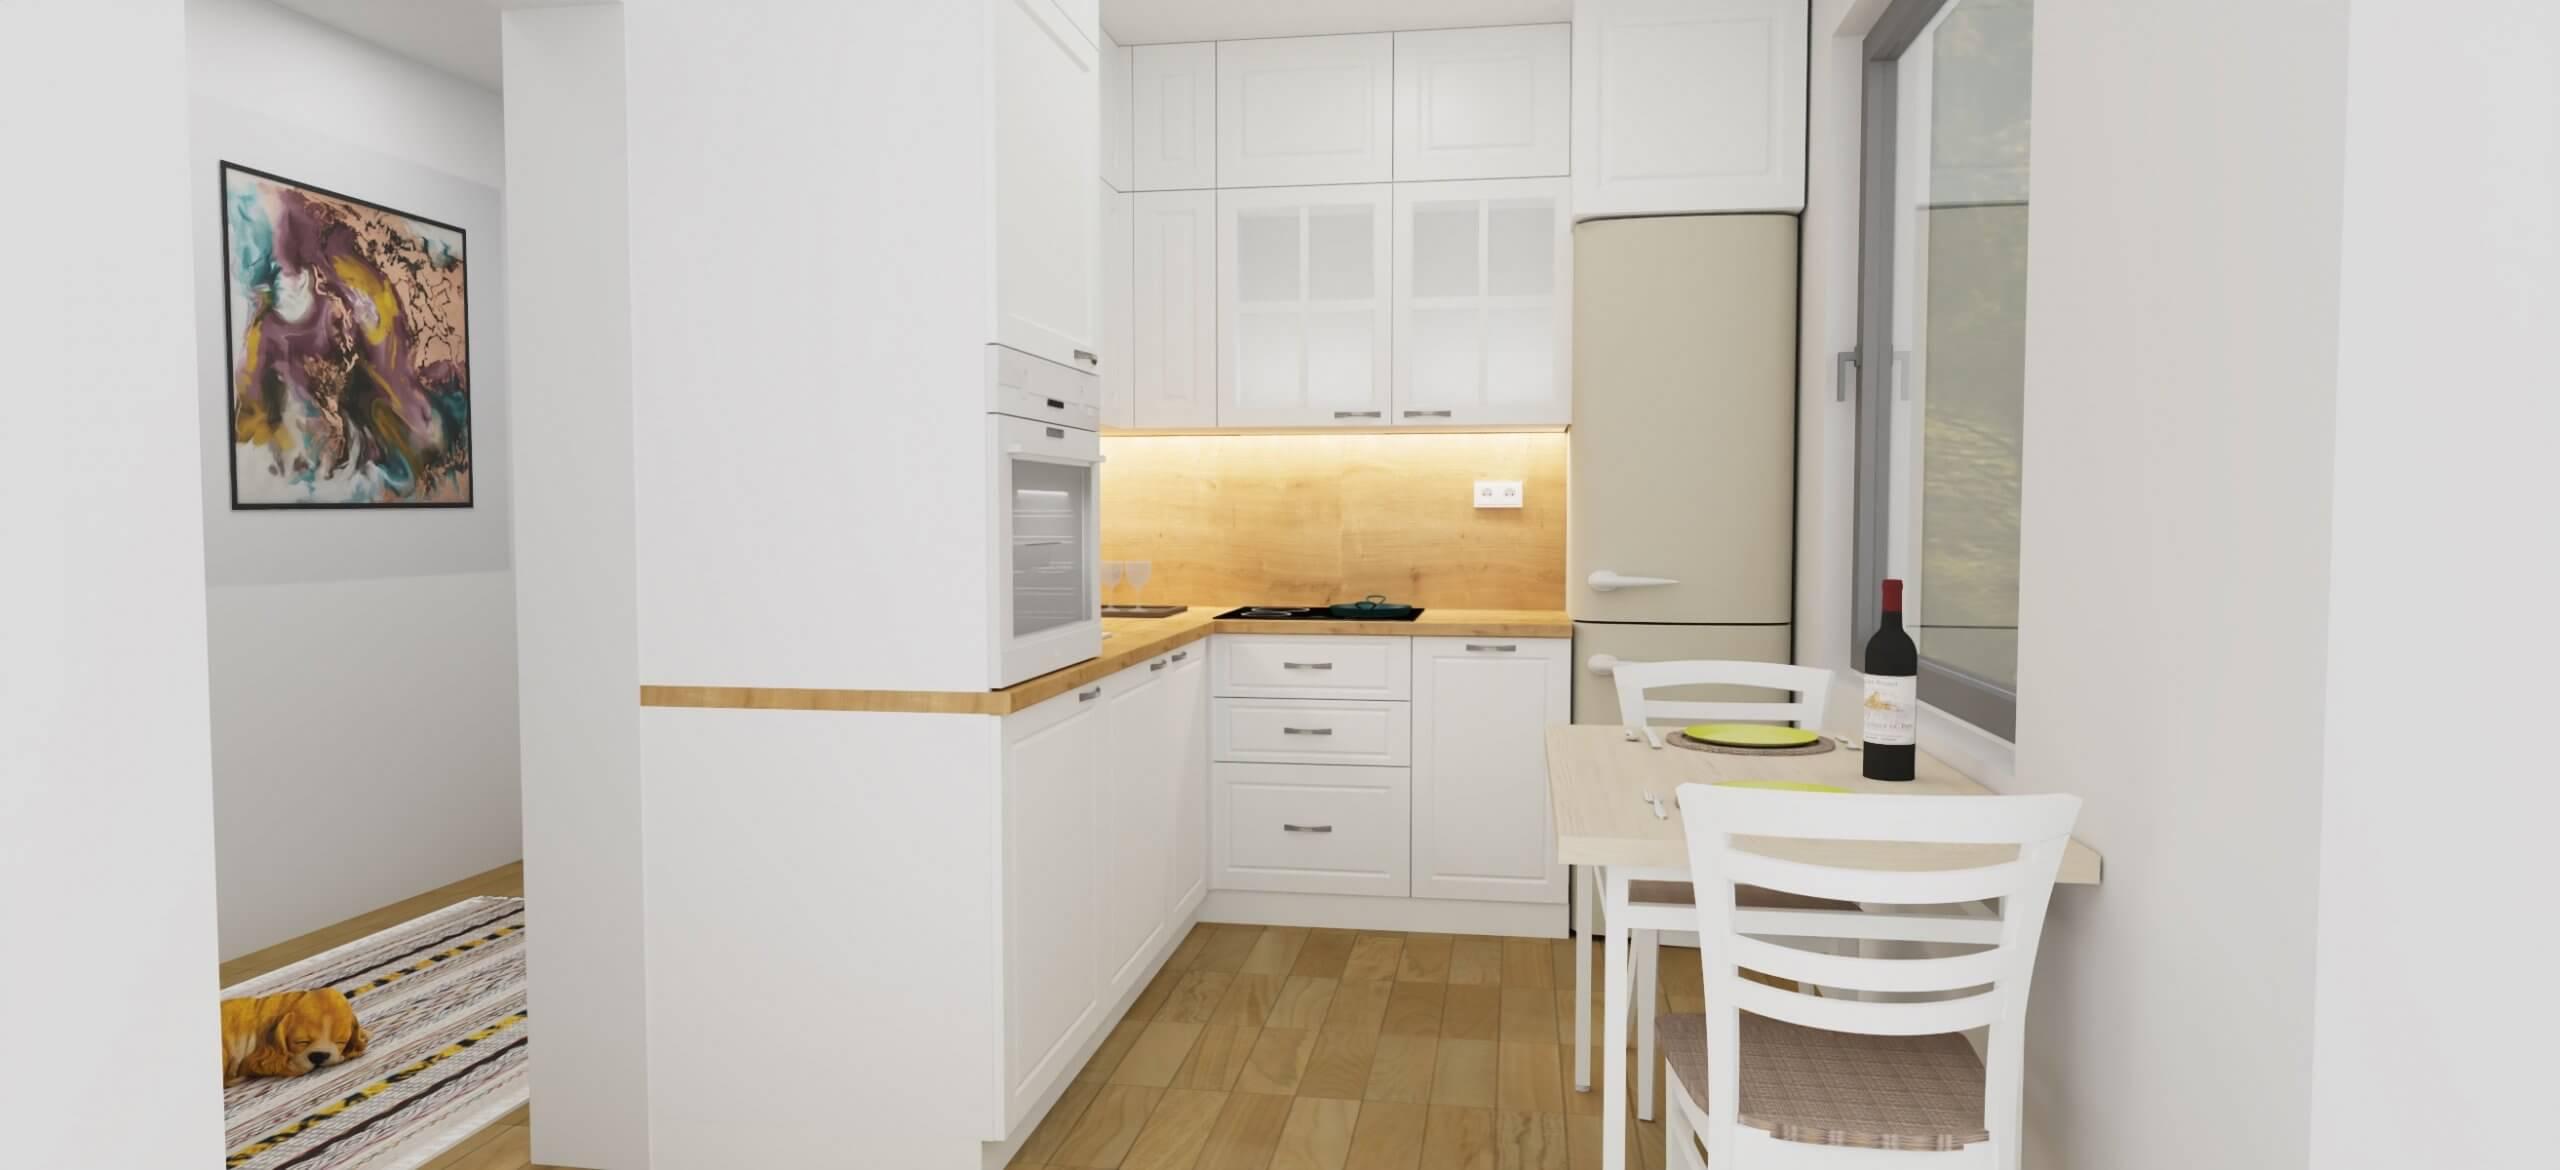 kuchyna-vintage-1-scaled